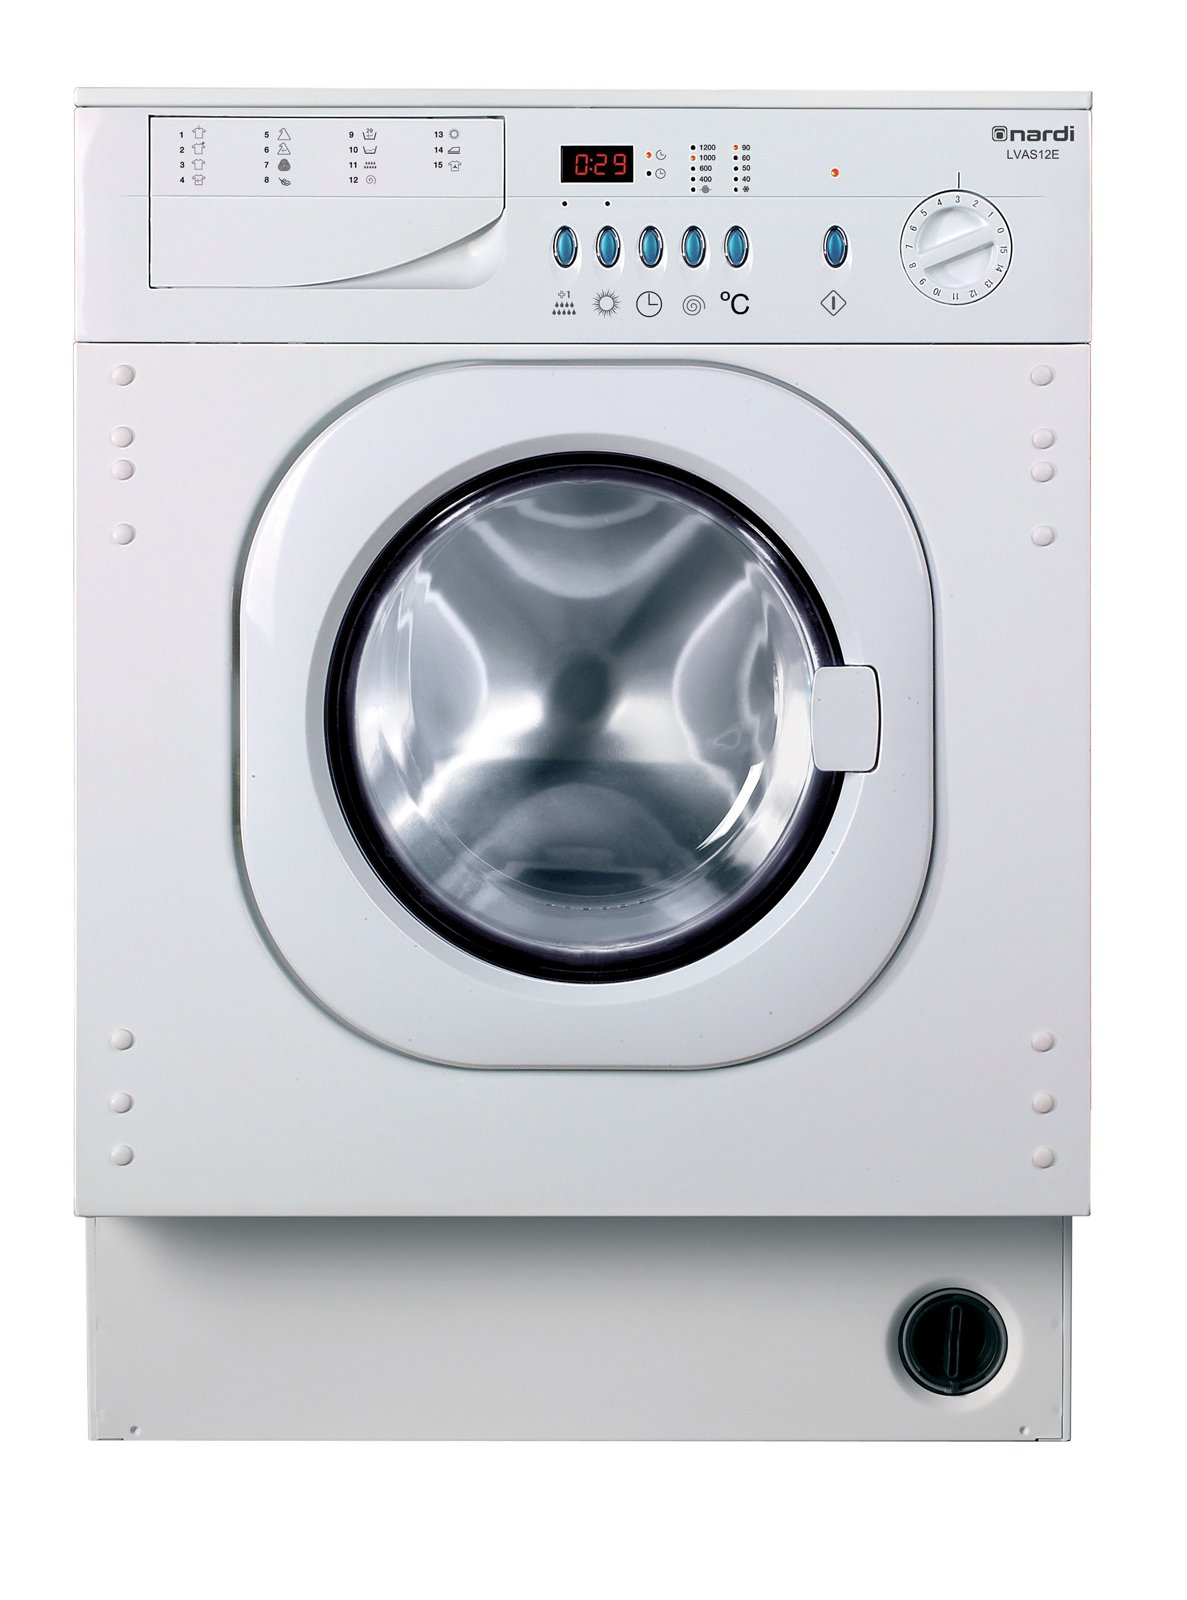 Lavatrici il modello giusto per ogni esigenza cose di casa - Lavatrice altezza 75 ...